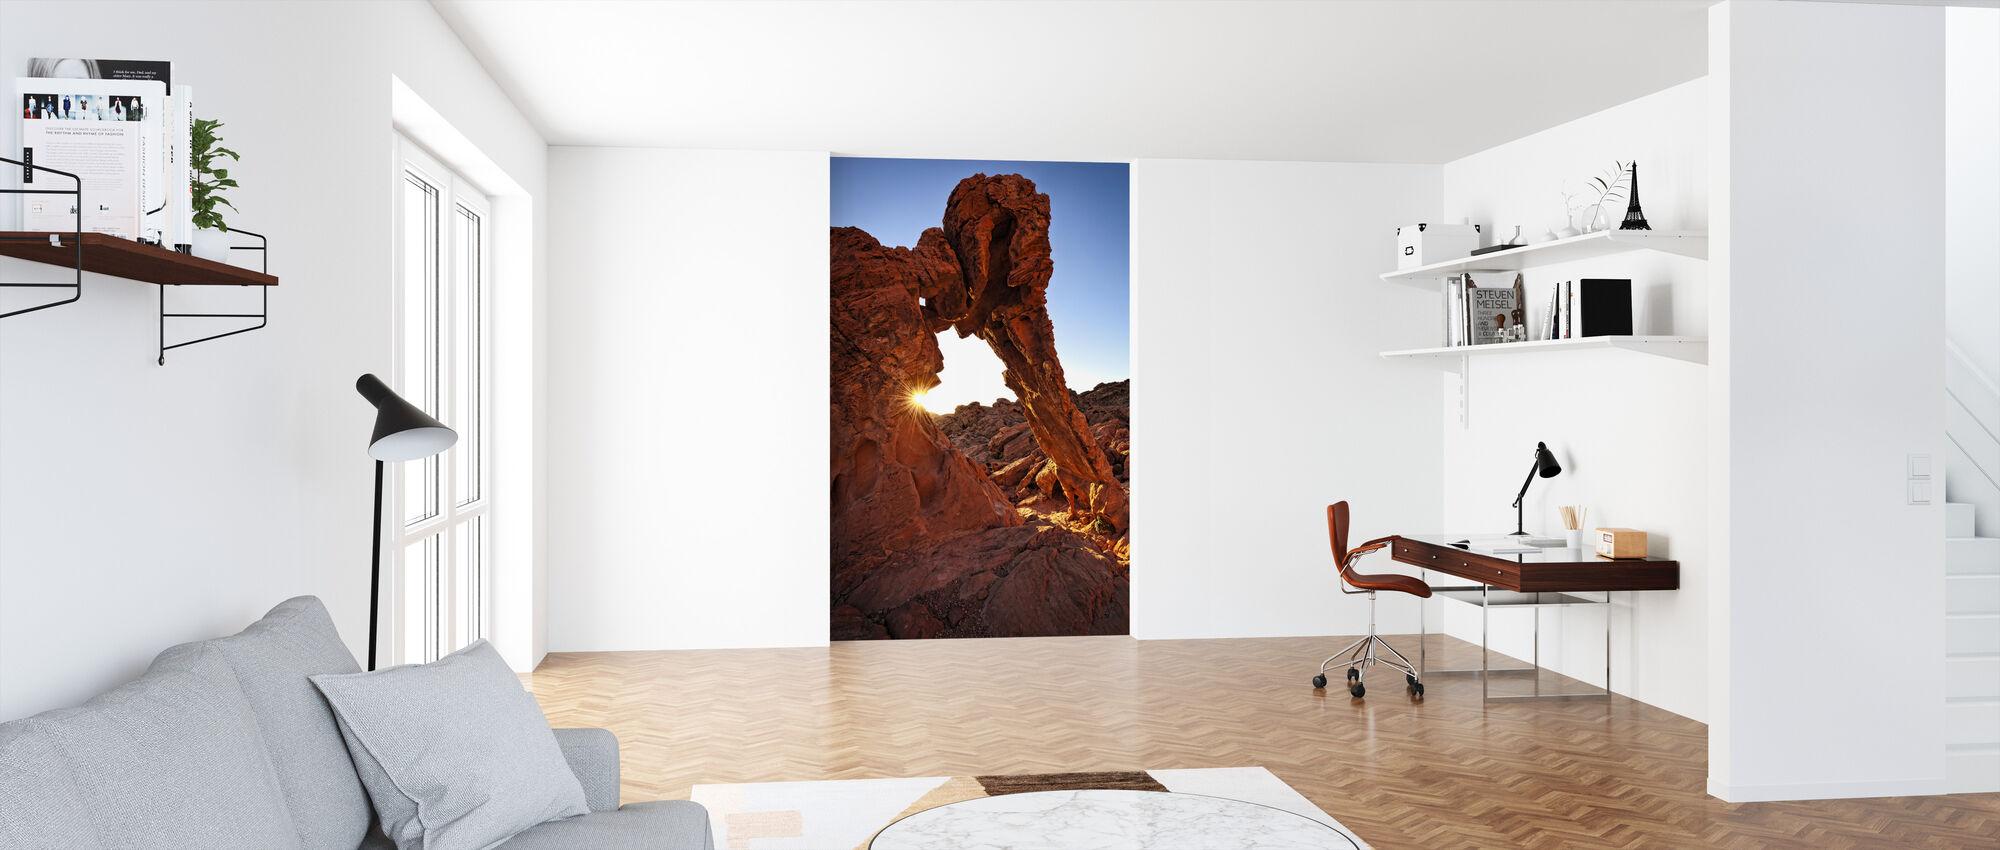 Olifant Rock in de Vuurvallei - Behang - Kantoor